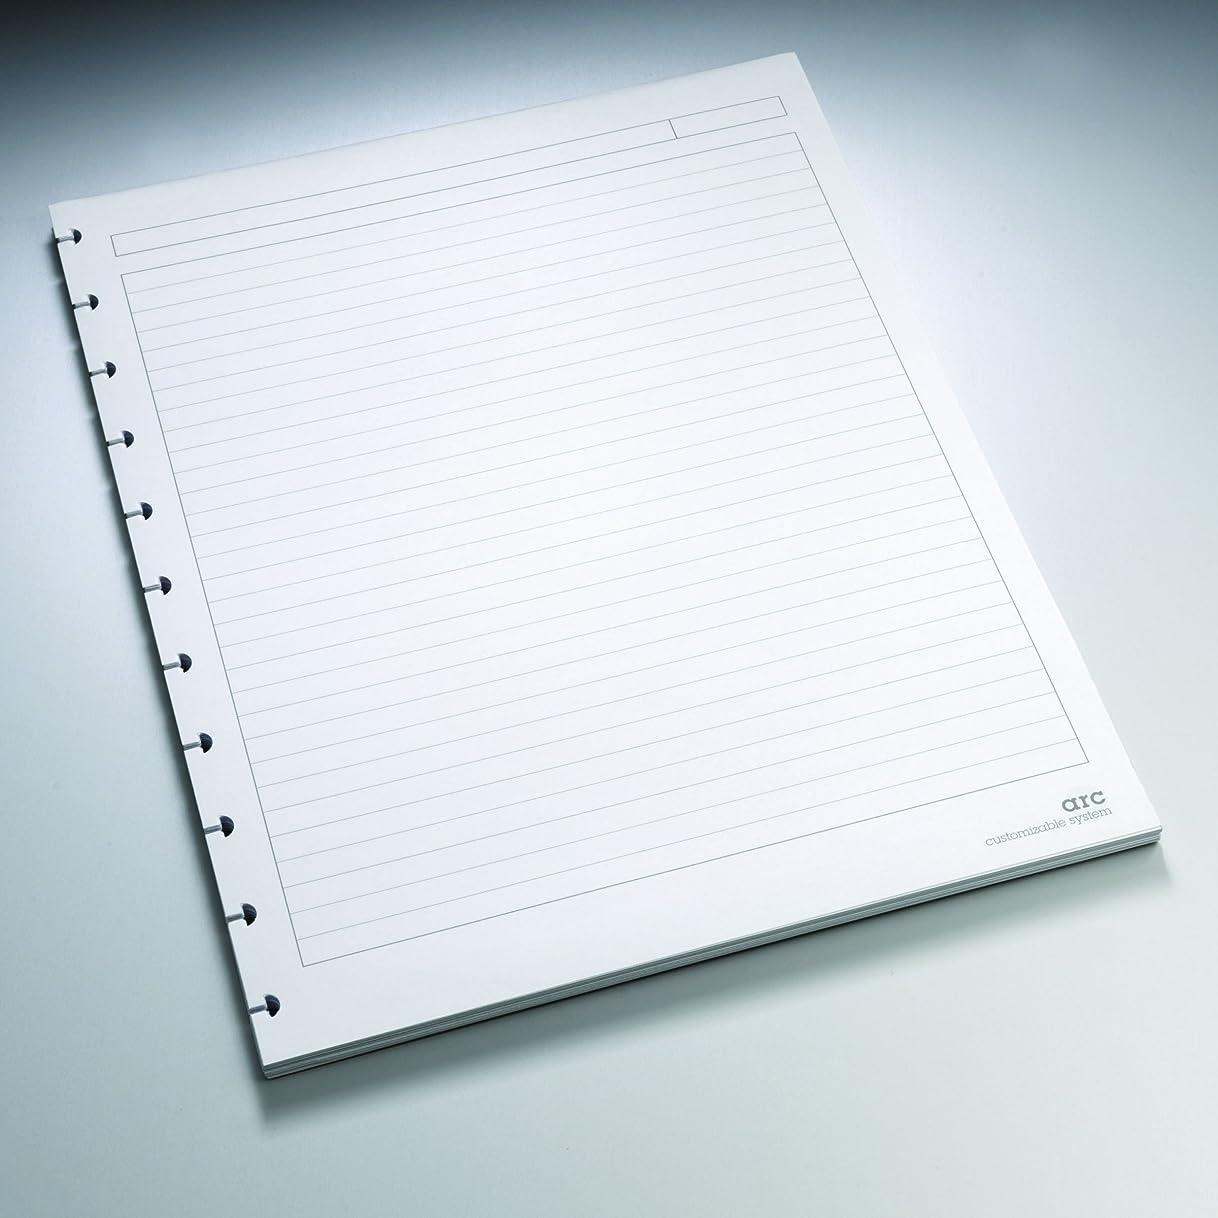 プール十素晴らしきStaples. Arc Notebook Filler Paper, Letter-size, Narrow-Ruled, White, 22cm x 28cm, 50 Sheets